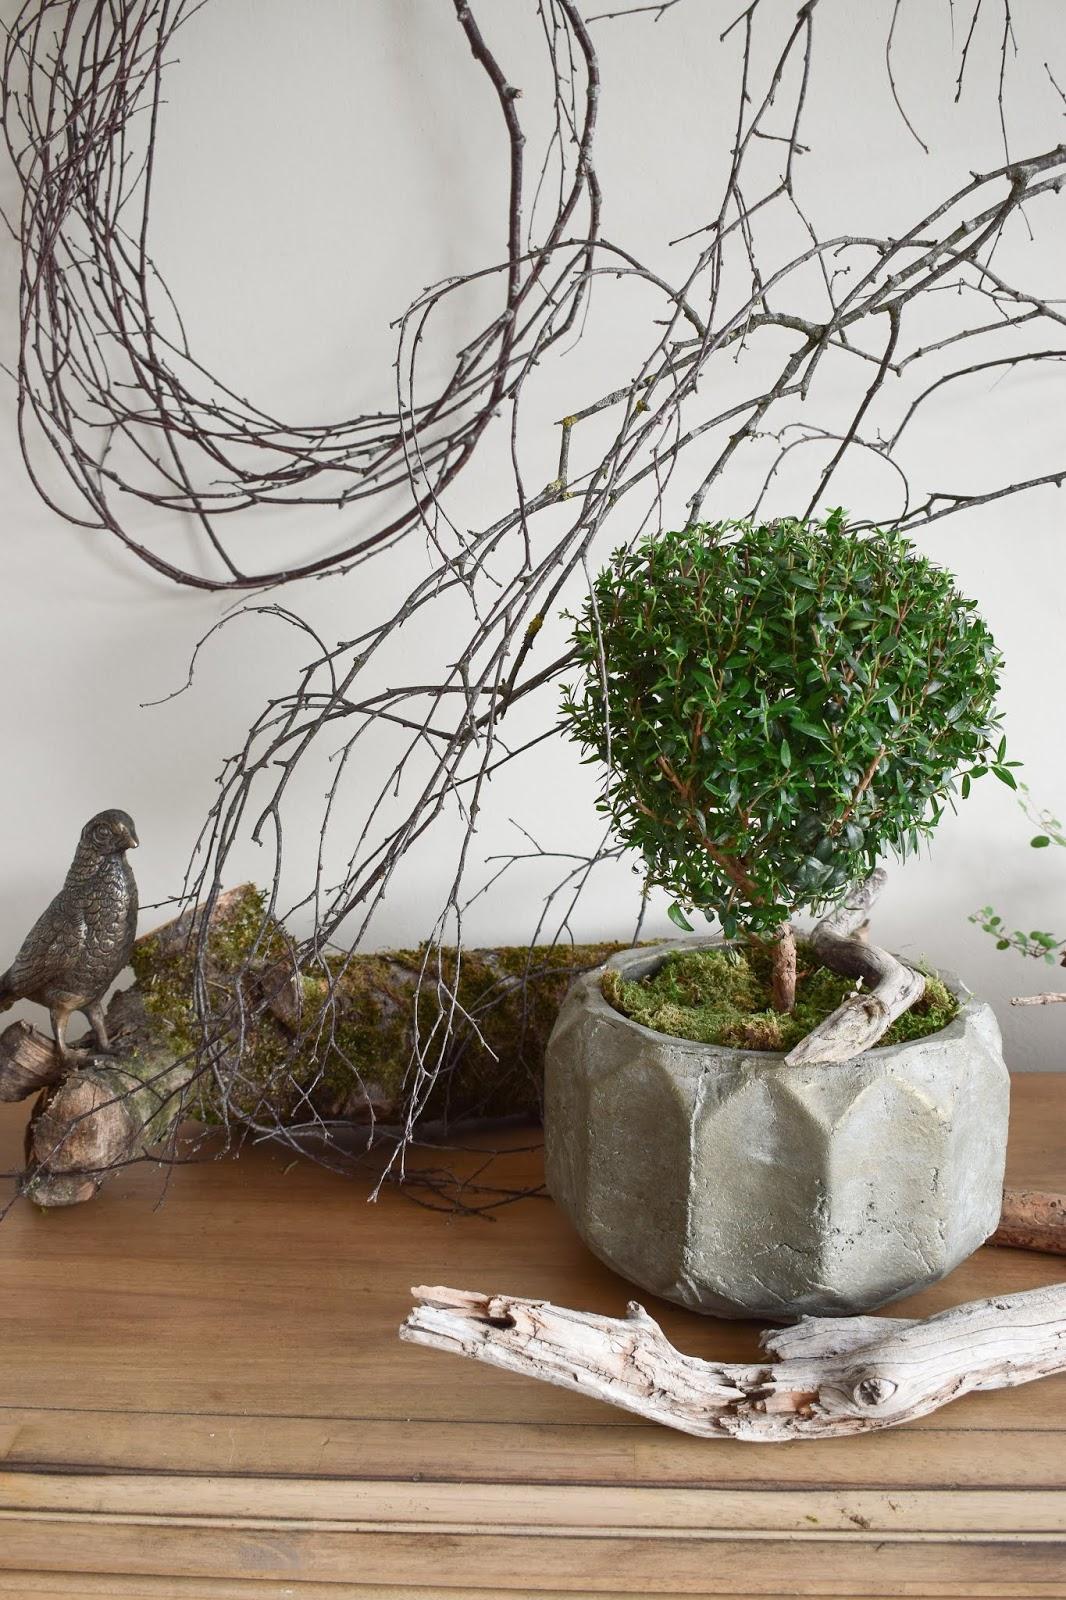 Naturdeko mit Topfpflanze: Verschönerung Übertopf Zimmerpflanze mit Moos Eukalyptus Schleierkraut. Myrte Dekoidee Deko Dekoration Übertopf natürlich dekorieren